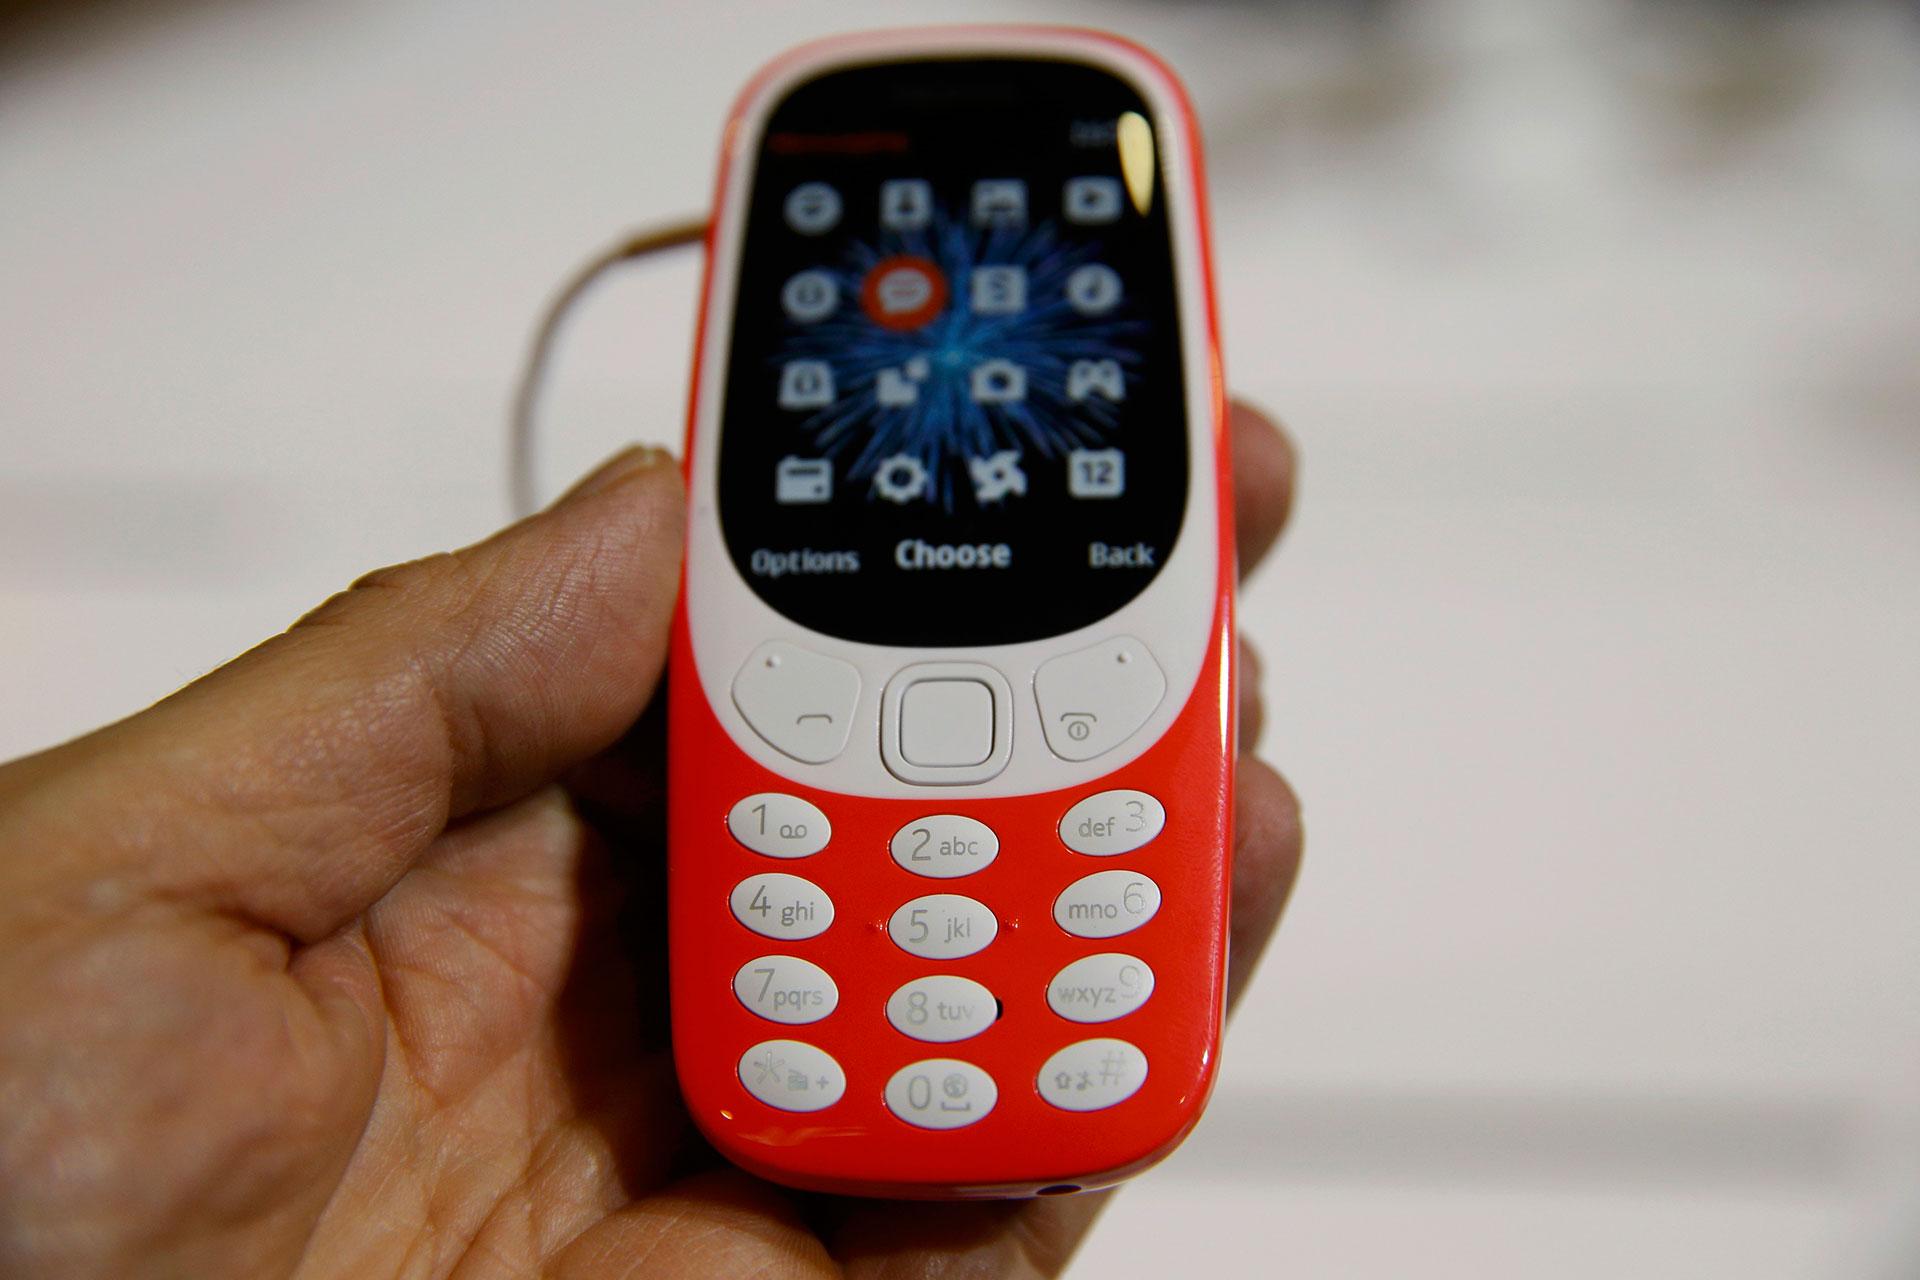 Para los nostálgicos, se relanzó el mítico Nokia 3310